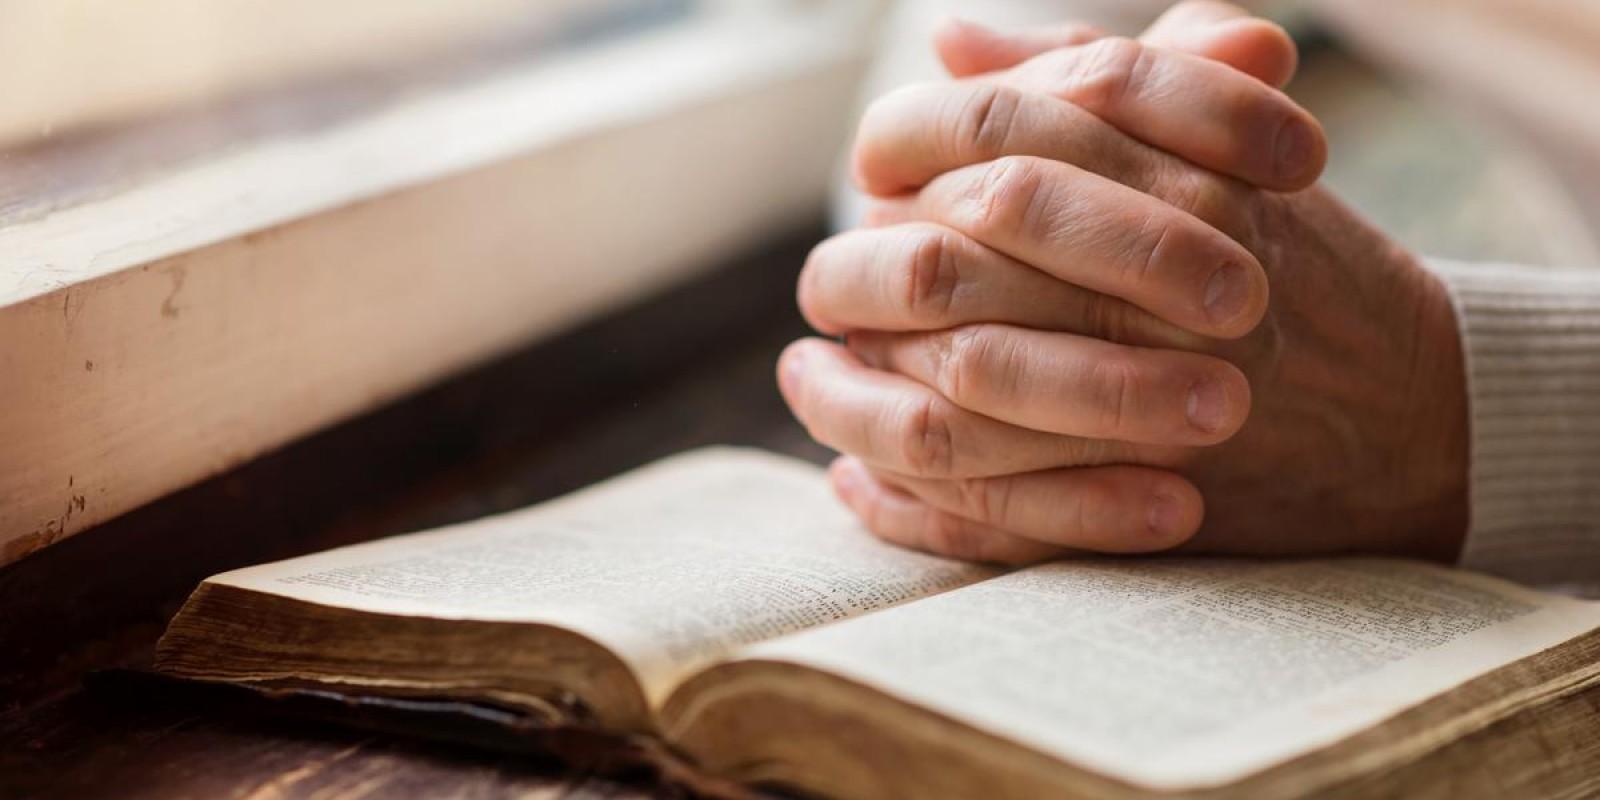 Não busque sua filosofia na bíblia, busque os ensinamentos bíblicos para sua vida. E assim, pense como o Espírito Santo quer